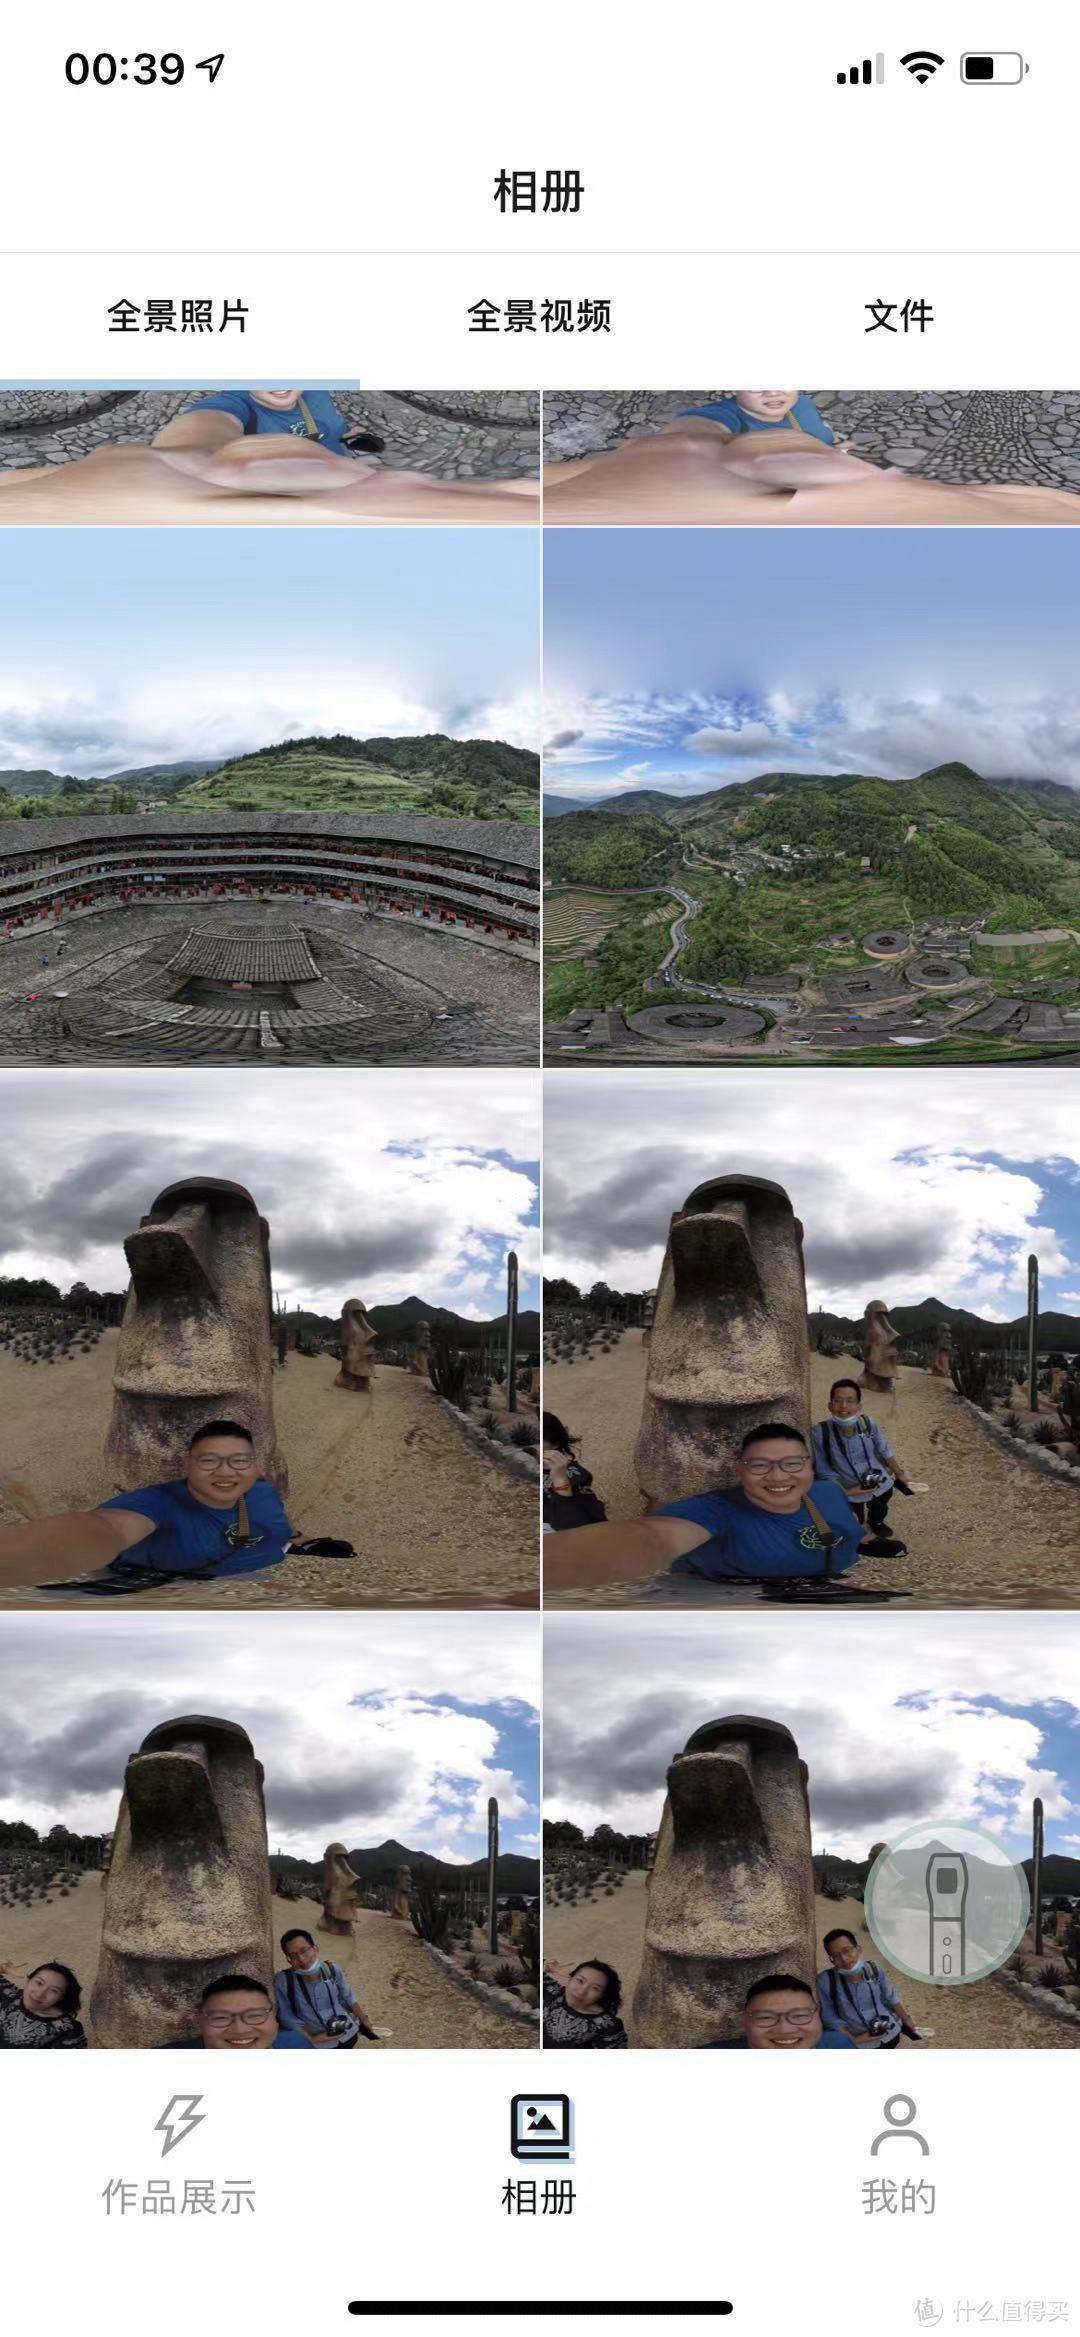 旅行、聚会上的新玩具——唯光世怡可拍360°全景相机